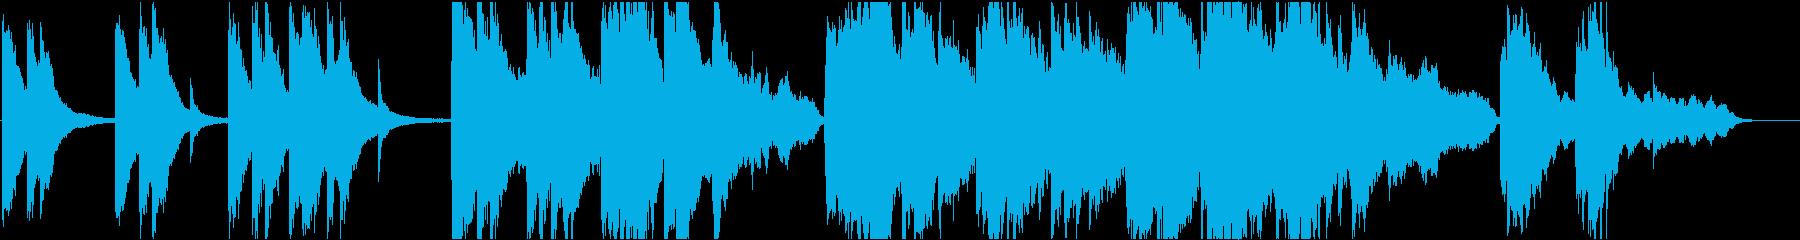 企業VP16 24bit44kHzVerの再生済みの波形